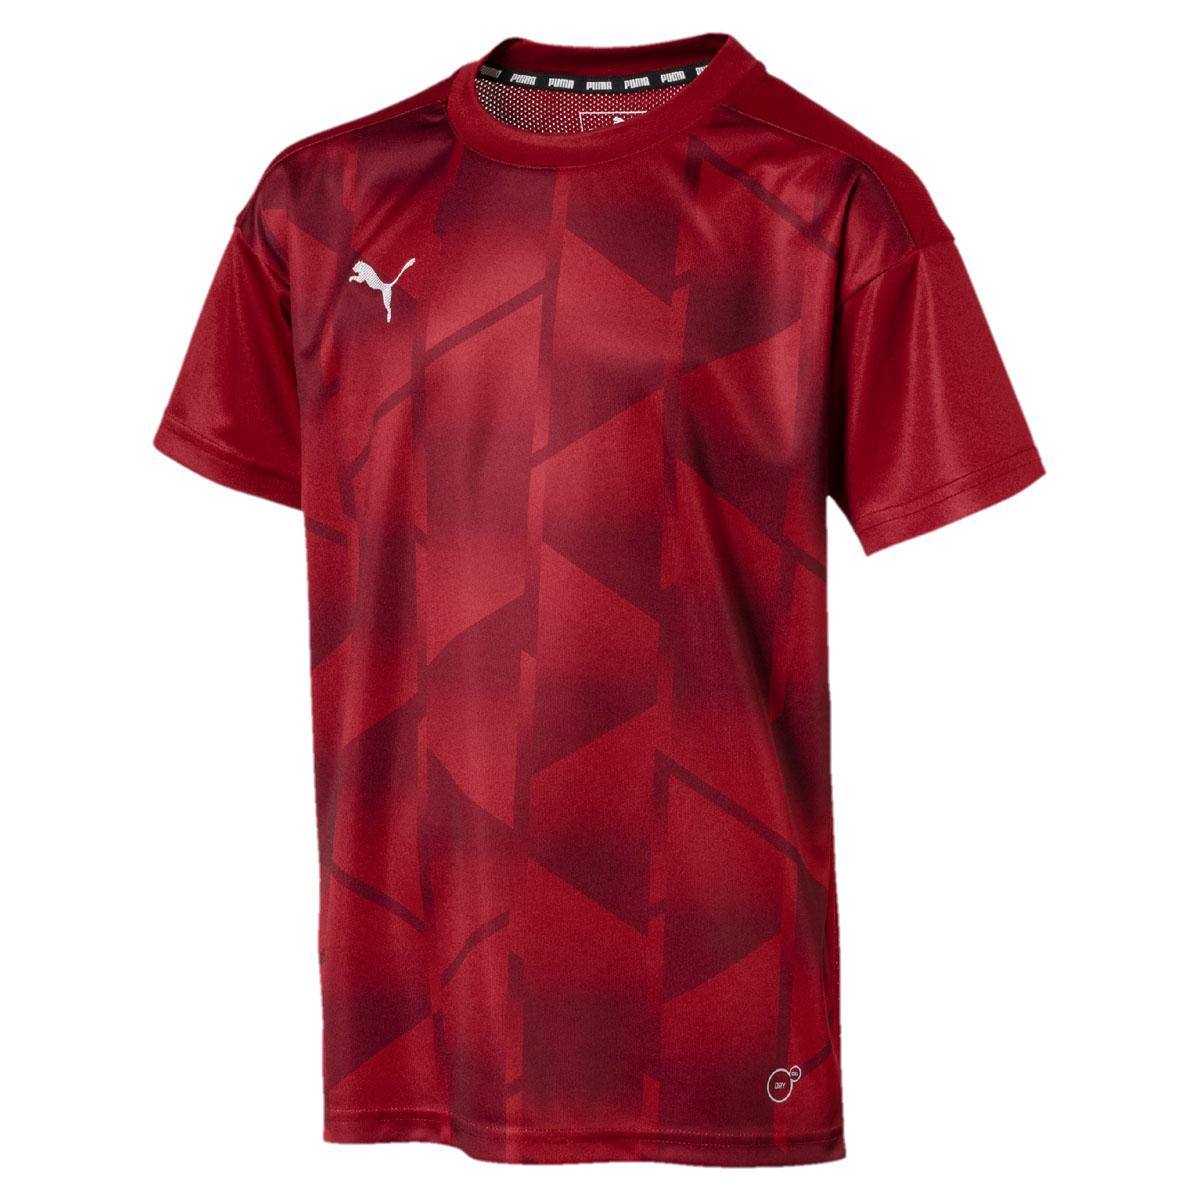 Футболка для мальчика Puma ftblNXT Graphic Tee Jr, цвет: темно-красный. 655758027. Размер 116655758027